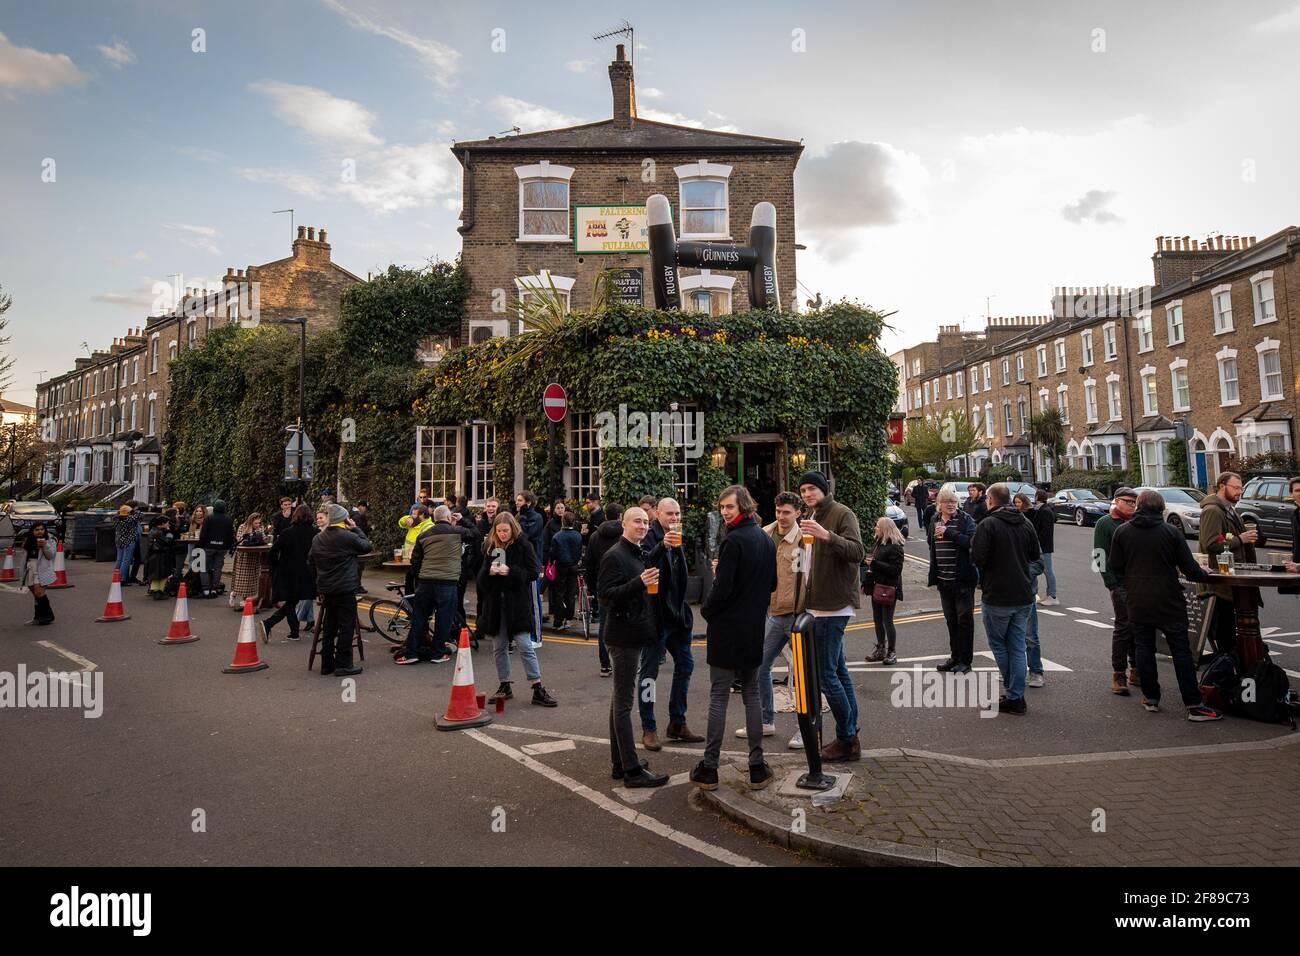 London, Großbritannien. 12. April 2021. Trinker vor dem stoppenden Fullback Pub im Finsbury Park, North London, das heute wieder für das Trinken von draußen geöffnet wurde, da die Lockdown-Maßnahmen in ganz Großbritannien gelockert werden. Bilddatum: Montag, 12. April 2021. Bildnachweis sollte lauten: Matt Crossick/Empics/Alamy Live News Stockfoto